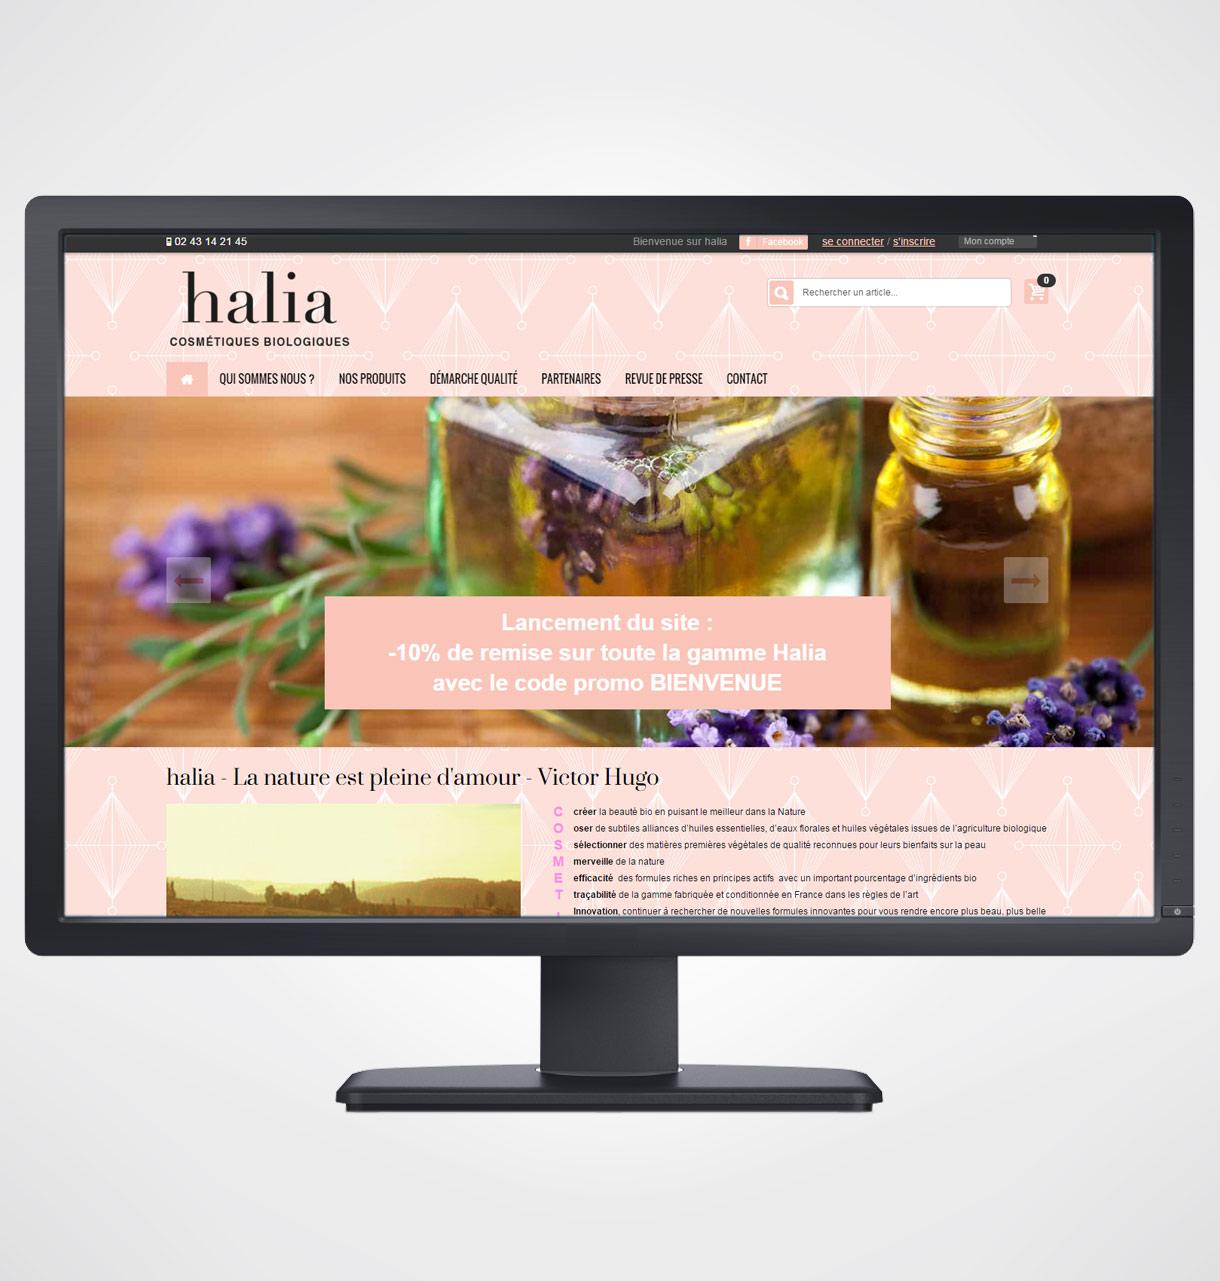 cr ation site internet pour vente en ligne de cosm tiques bio. Black Bedroom Furniture Sets. Home Design Ideas